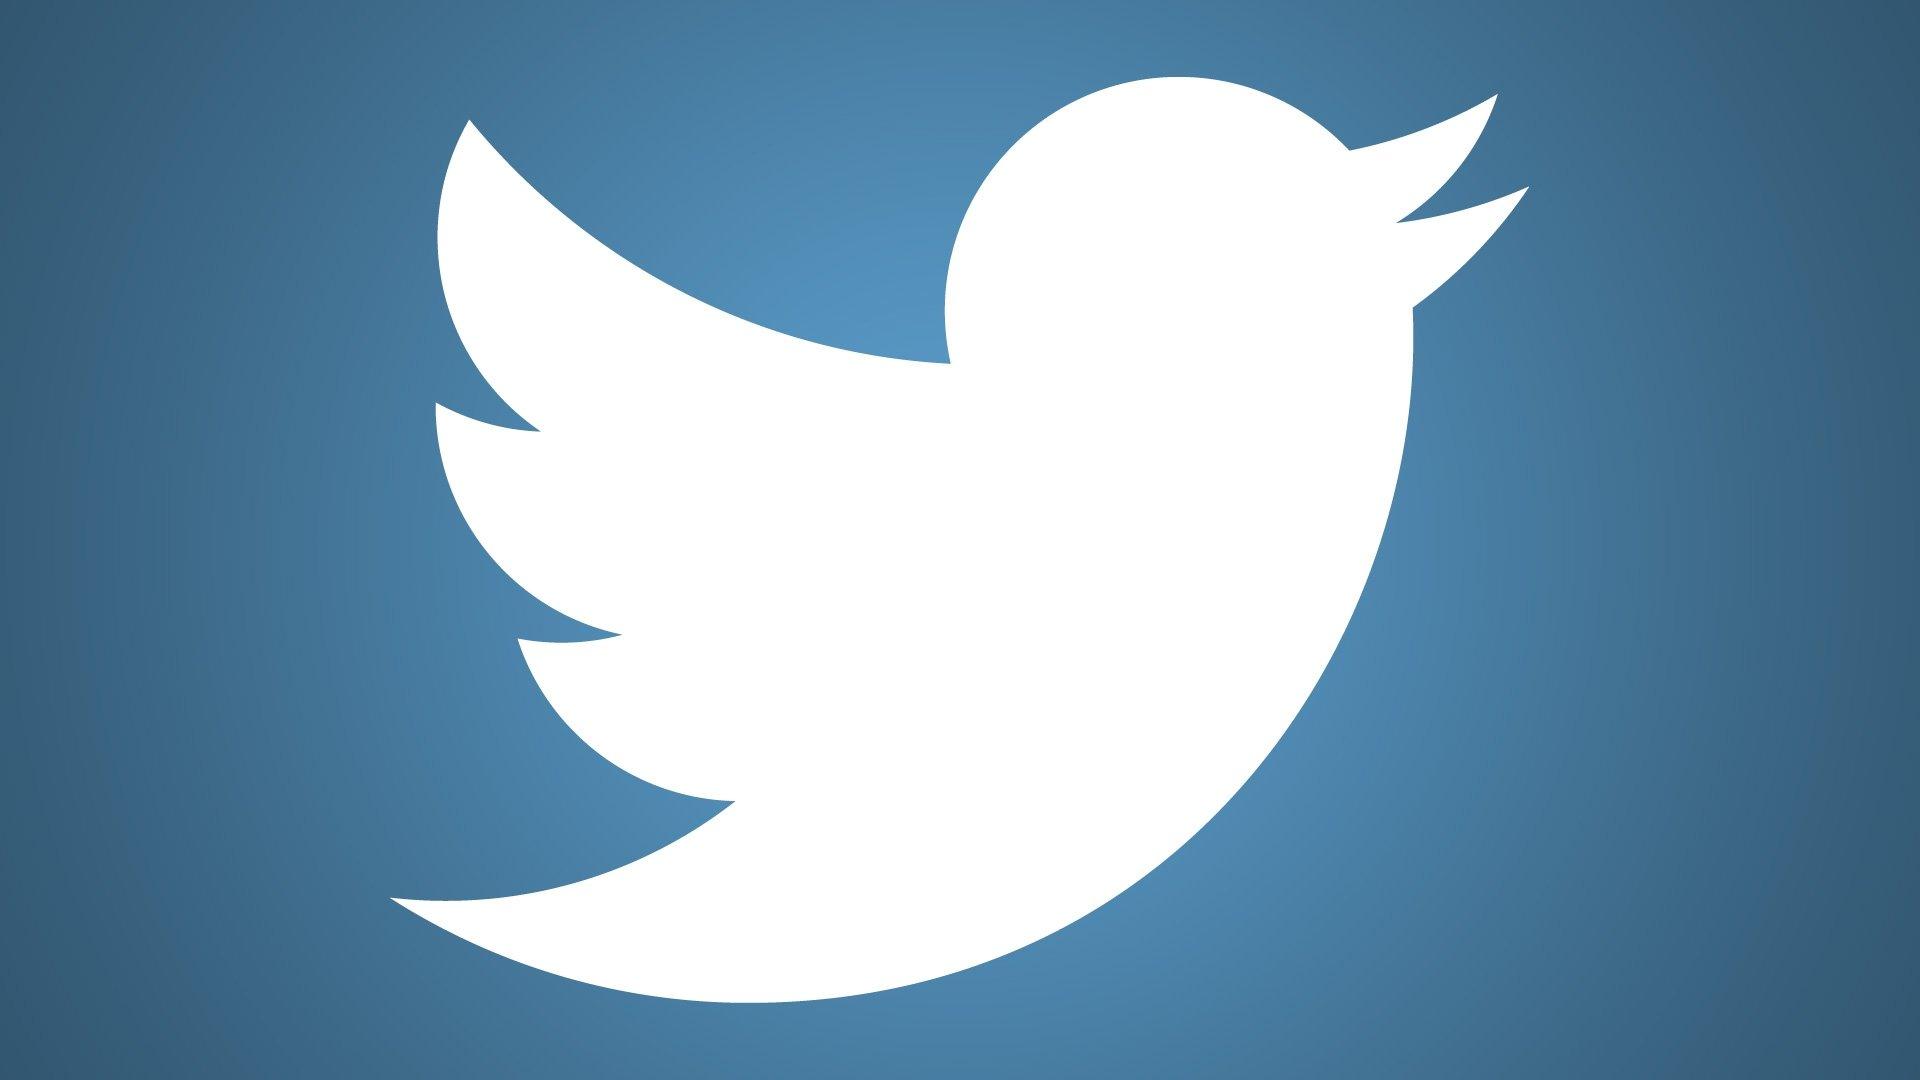 twitter logo passaro azul